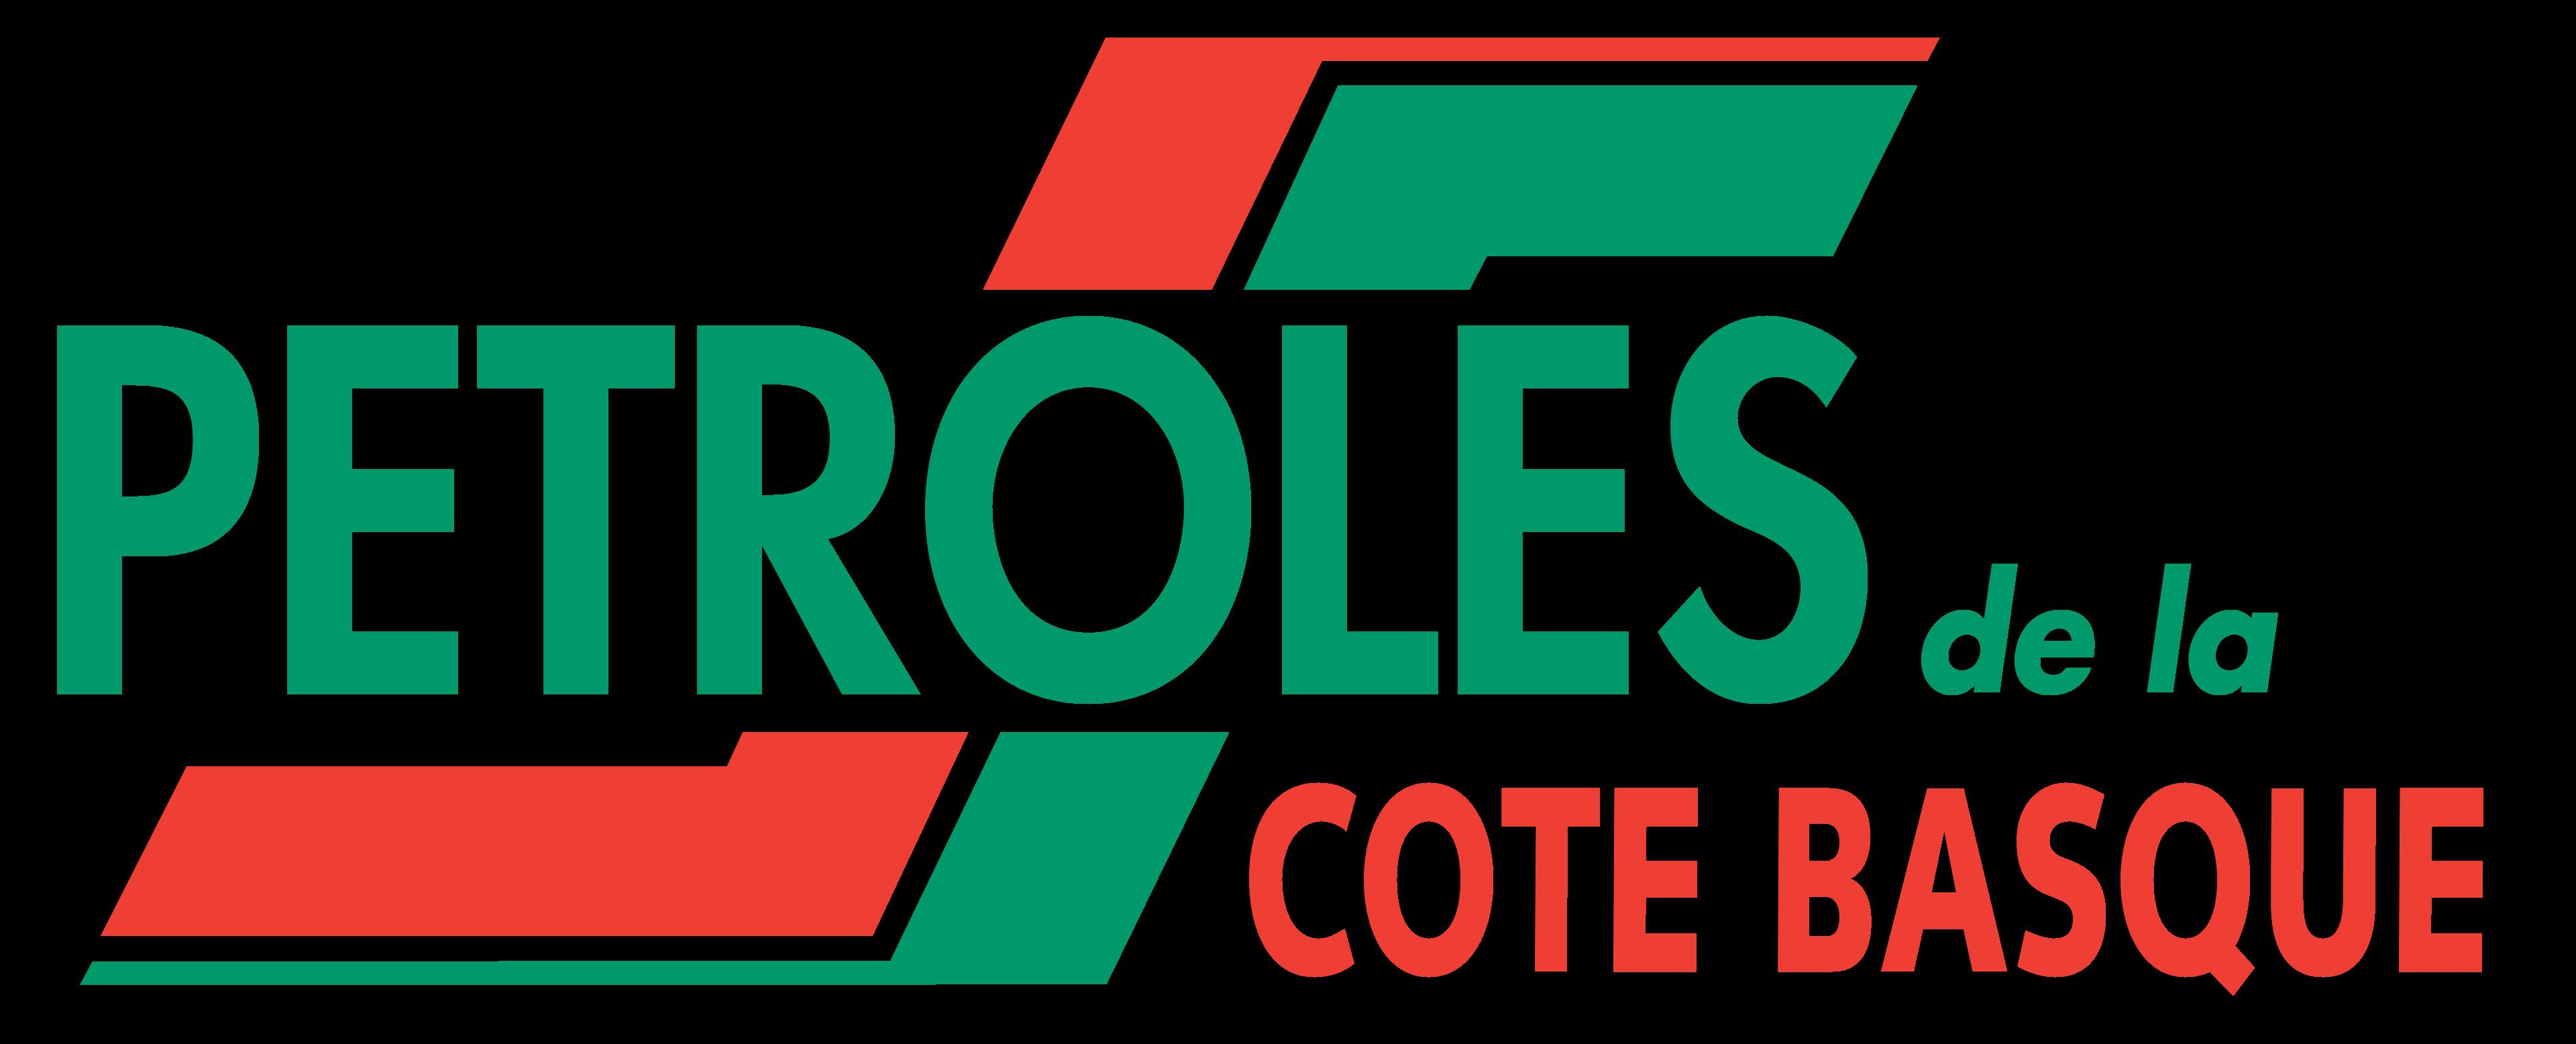 Pétroles de la côte basque